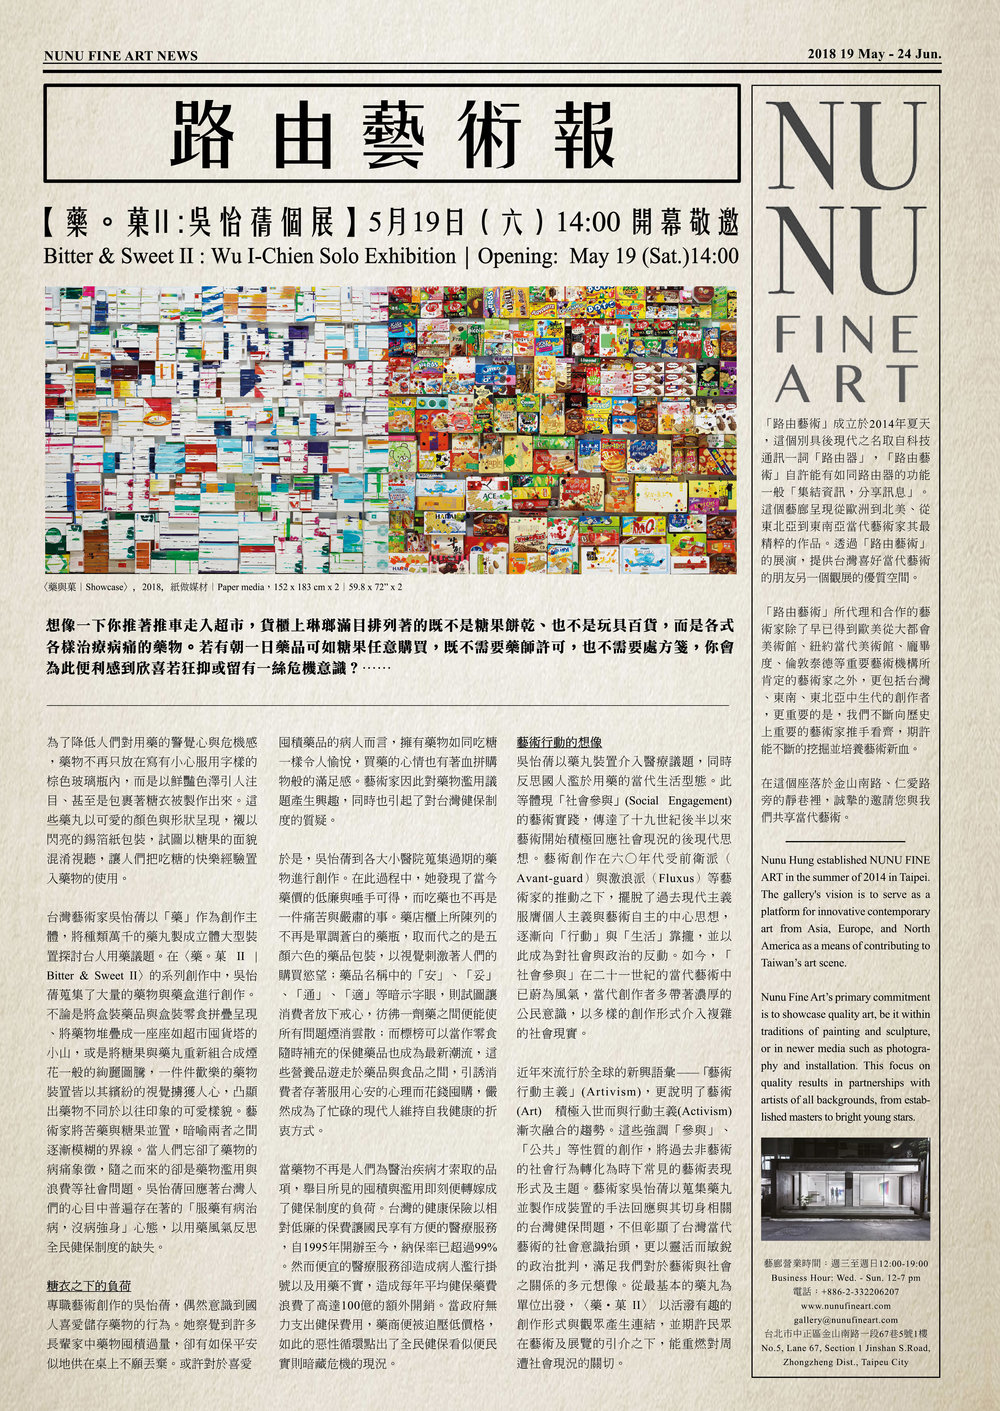 吳怡蒨 newspaper p1.jpg